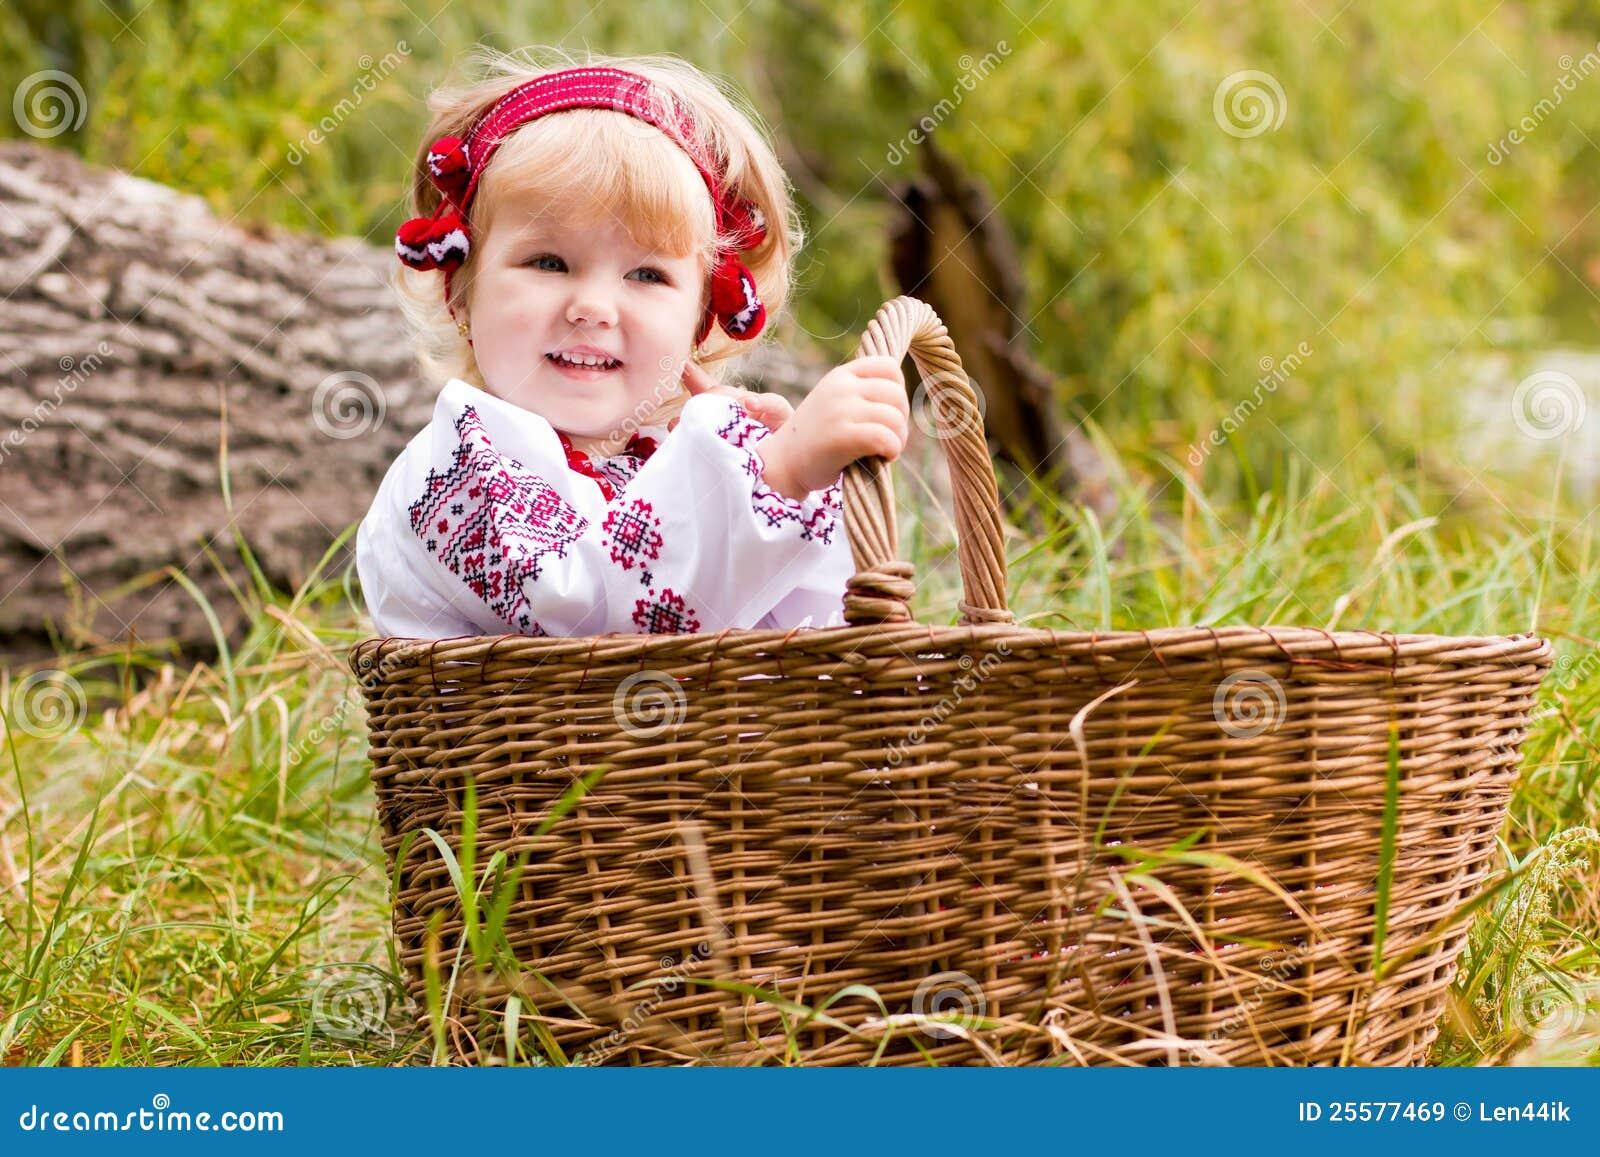 Site 40 quelque chosemagpornlivenewscom 40somethingmag sharona gold